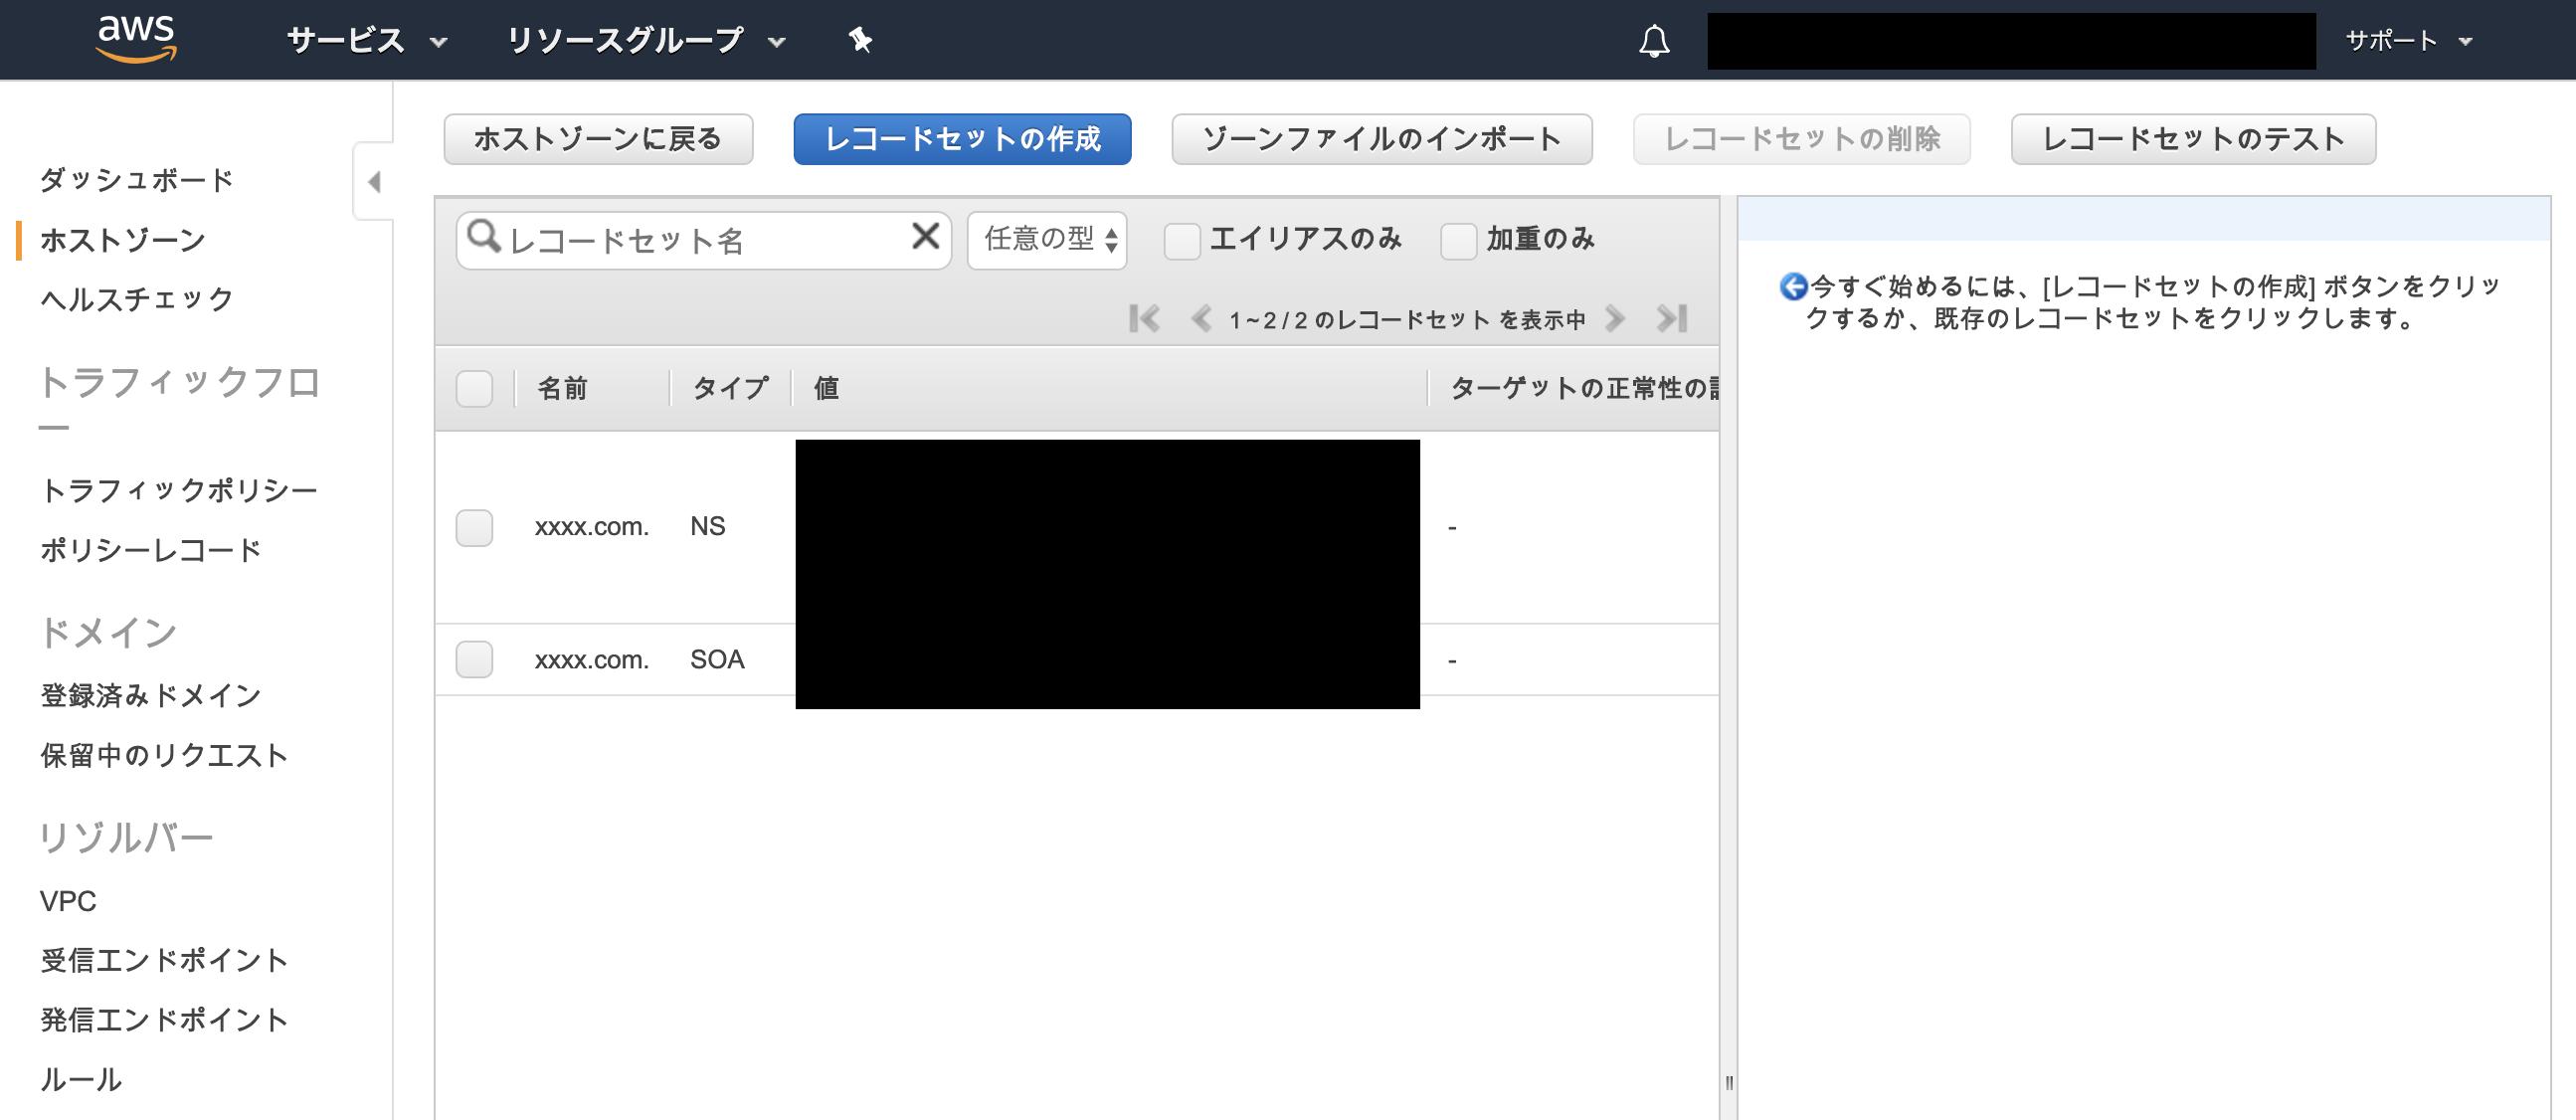 スクリーンショット 2019-06-15 16.44.59.png